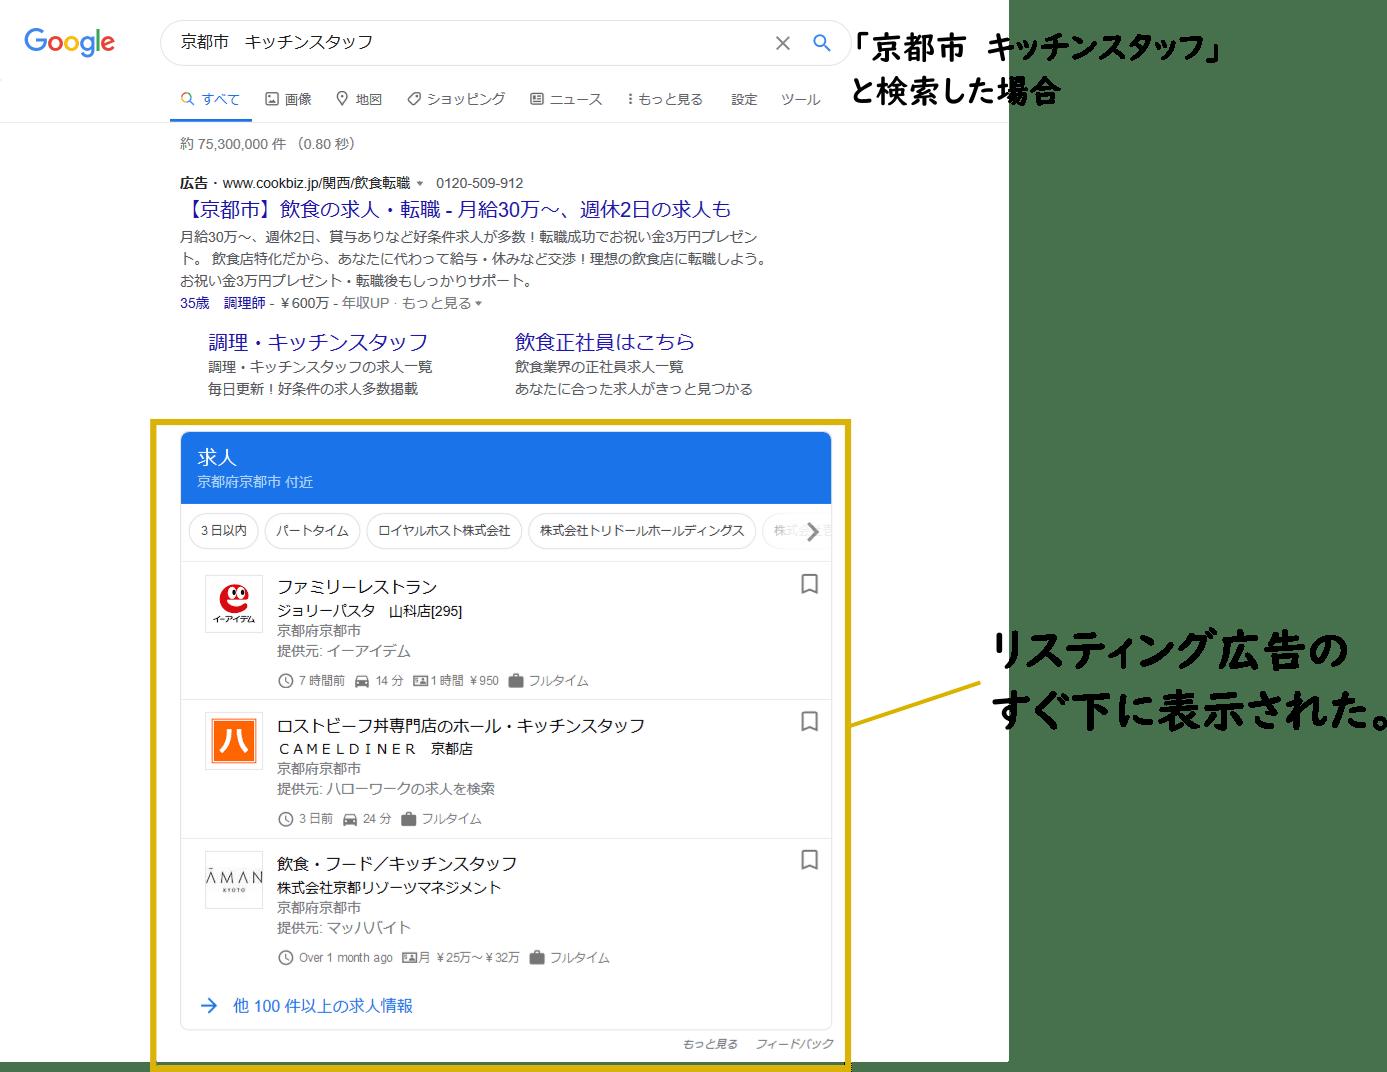 「京都市 キッチンスタッフ」と検索した場合の表示位置の画像